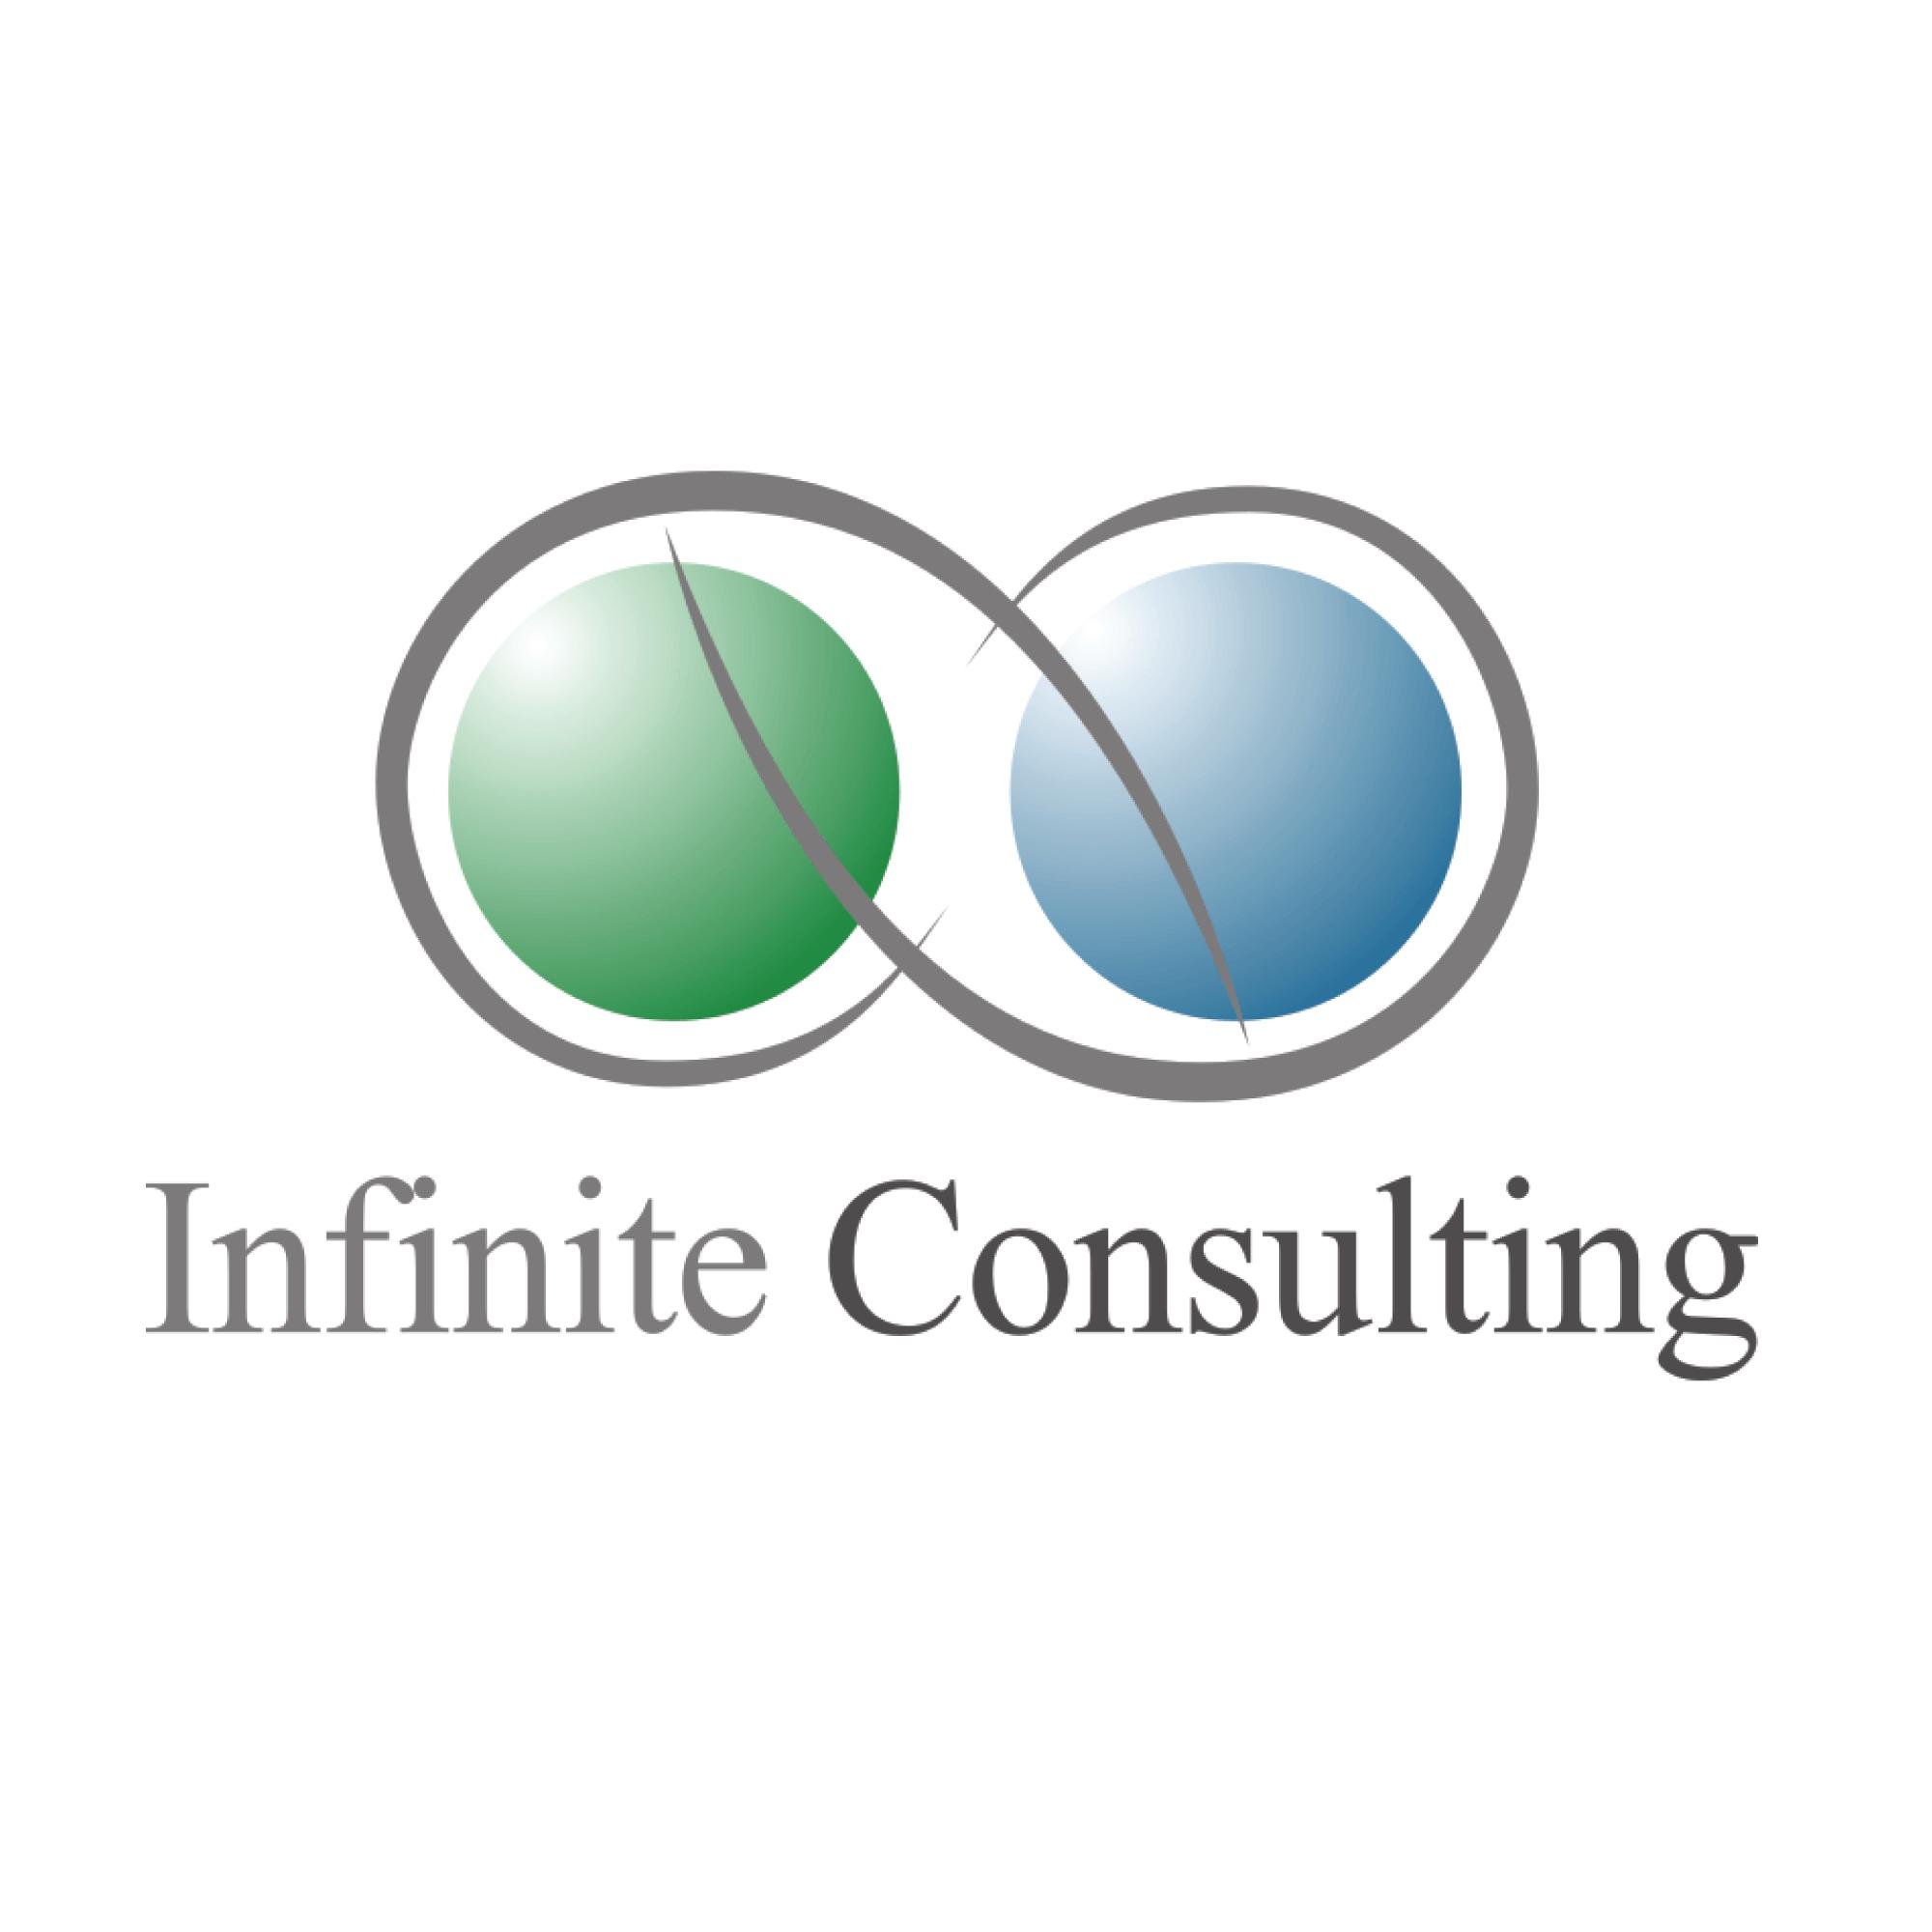 株式会社インフィニットコンサルティングのイメージ